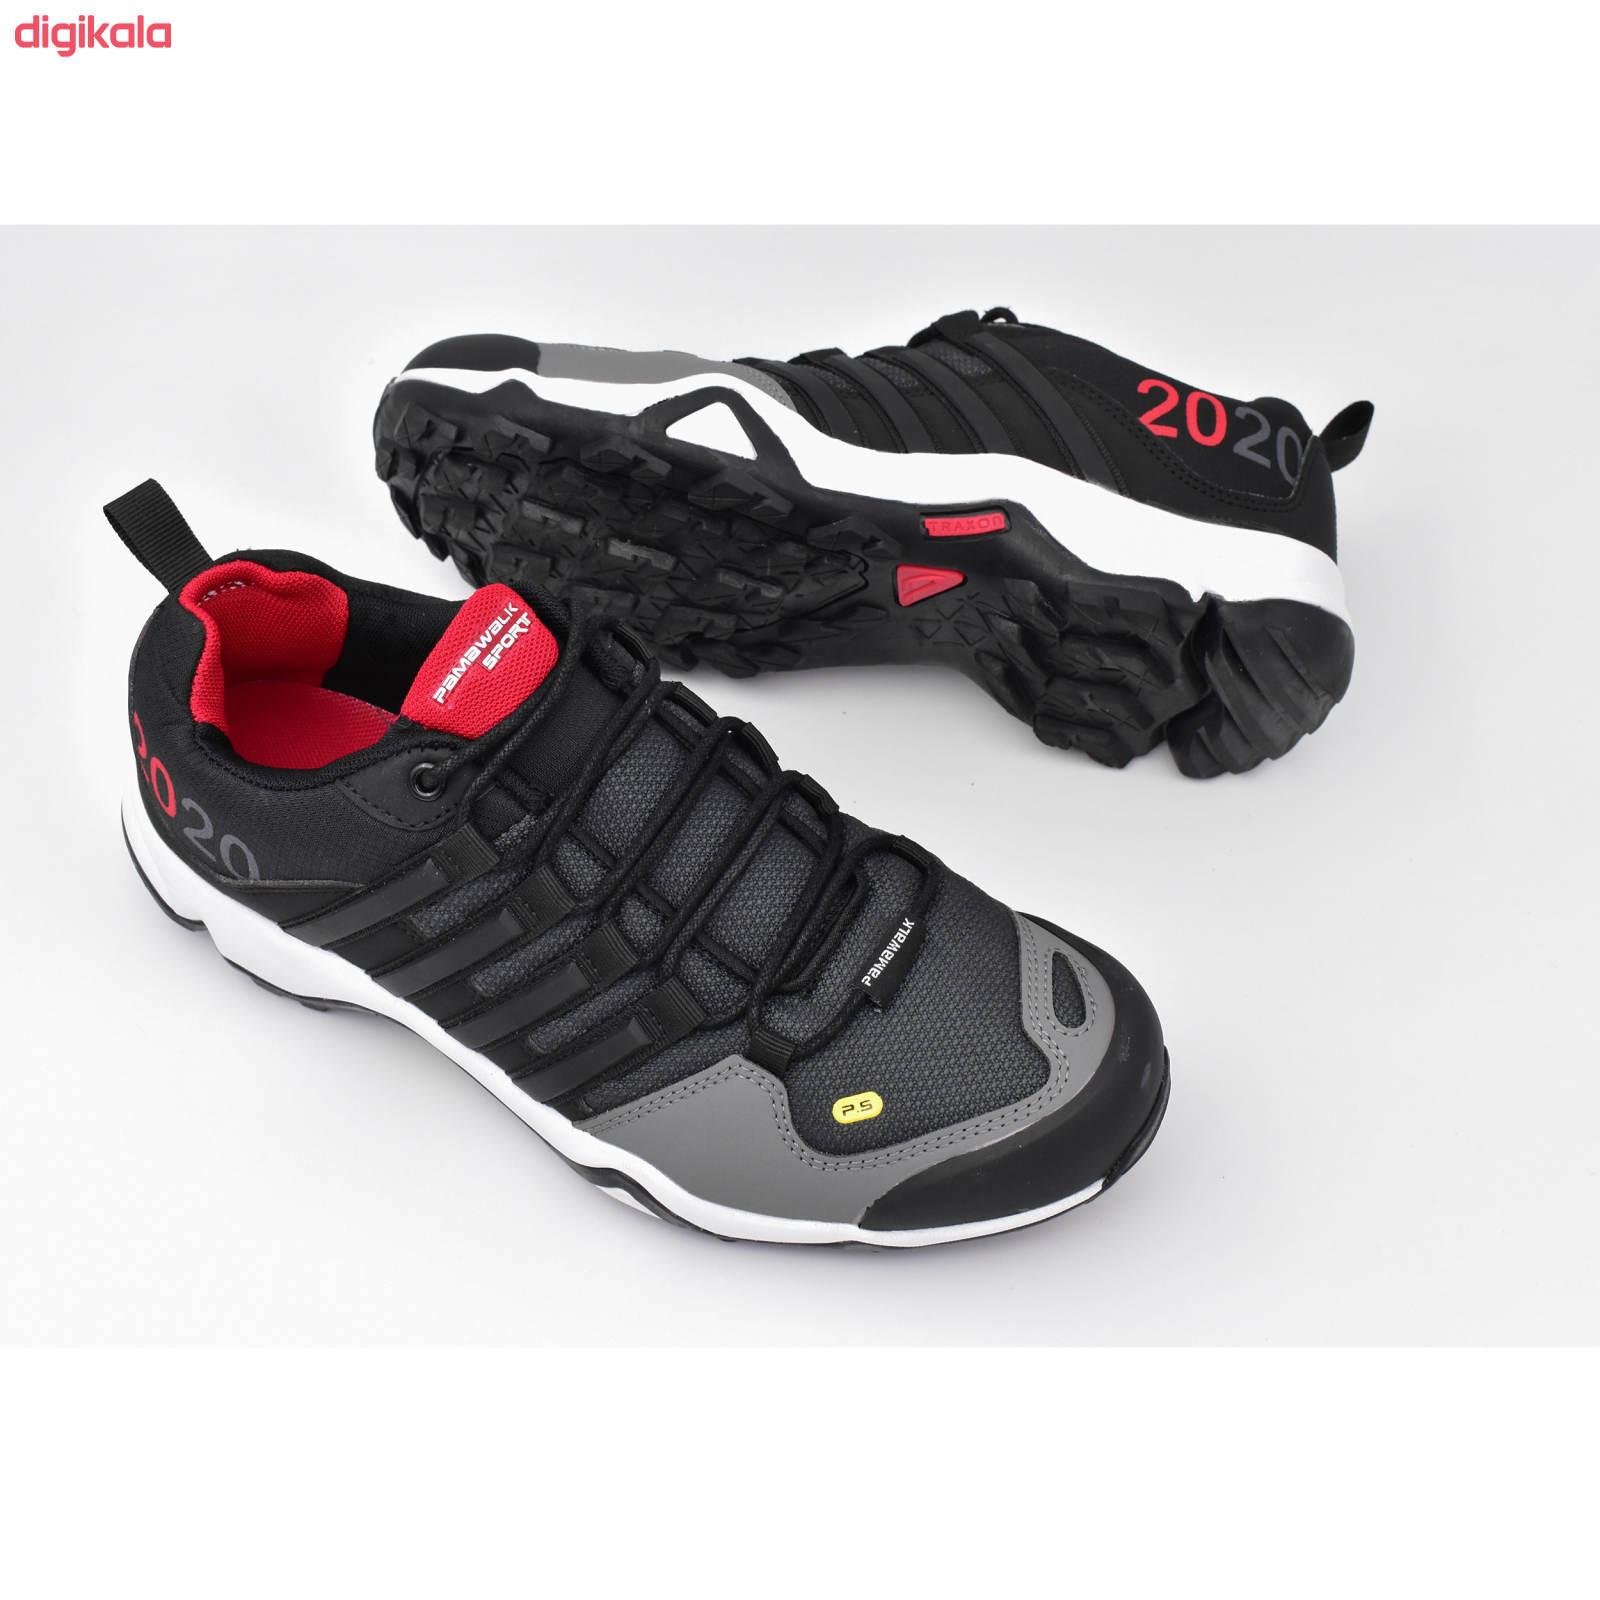 کفش پیاده روی مردانه پاما مدل TT کد 1080-2 main 1 5